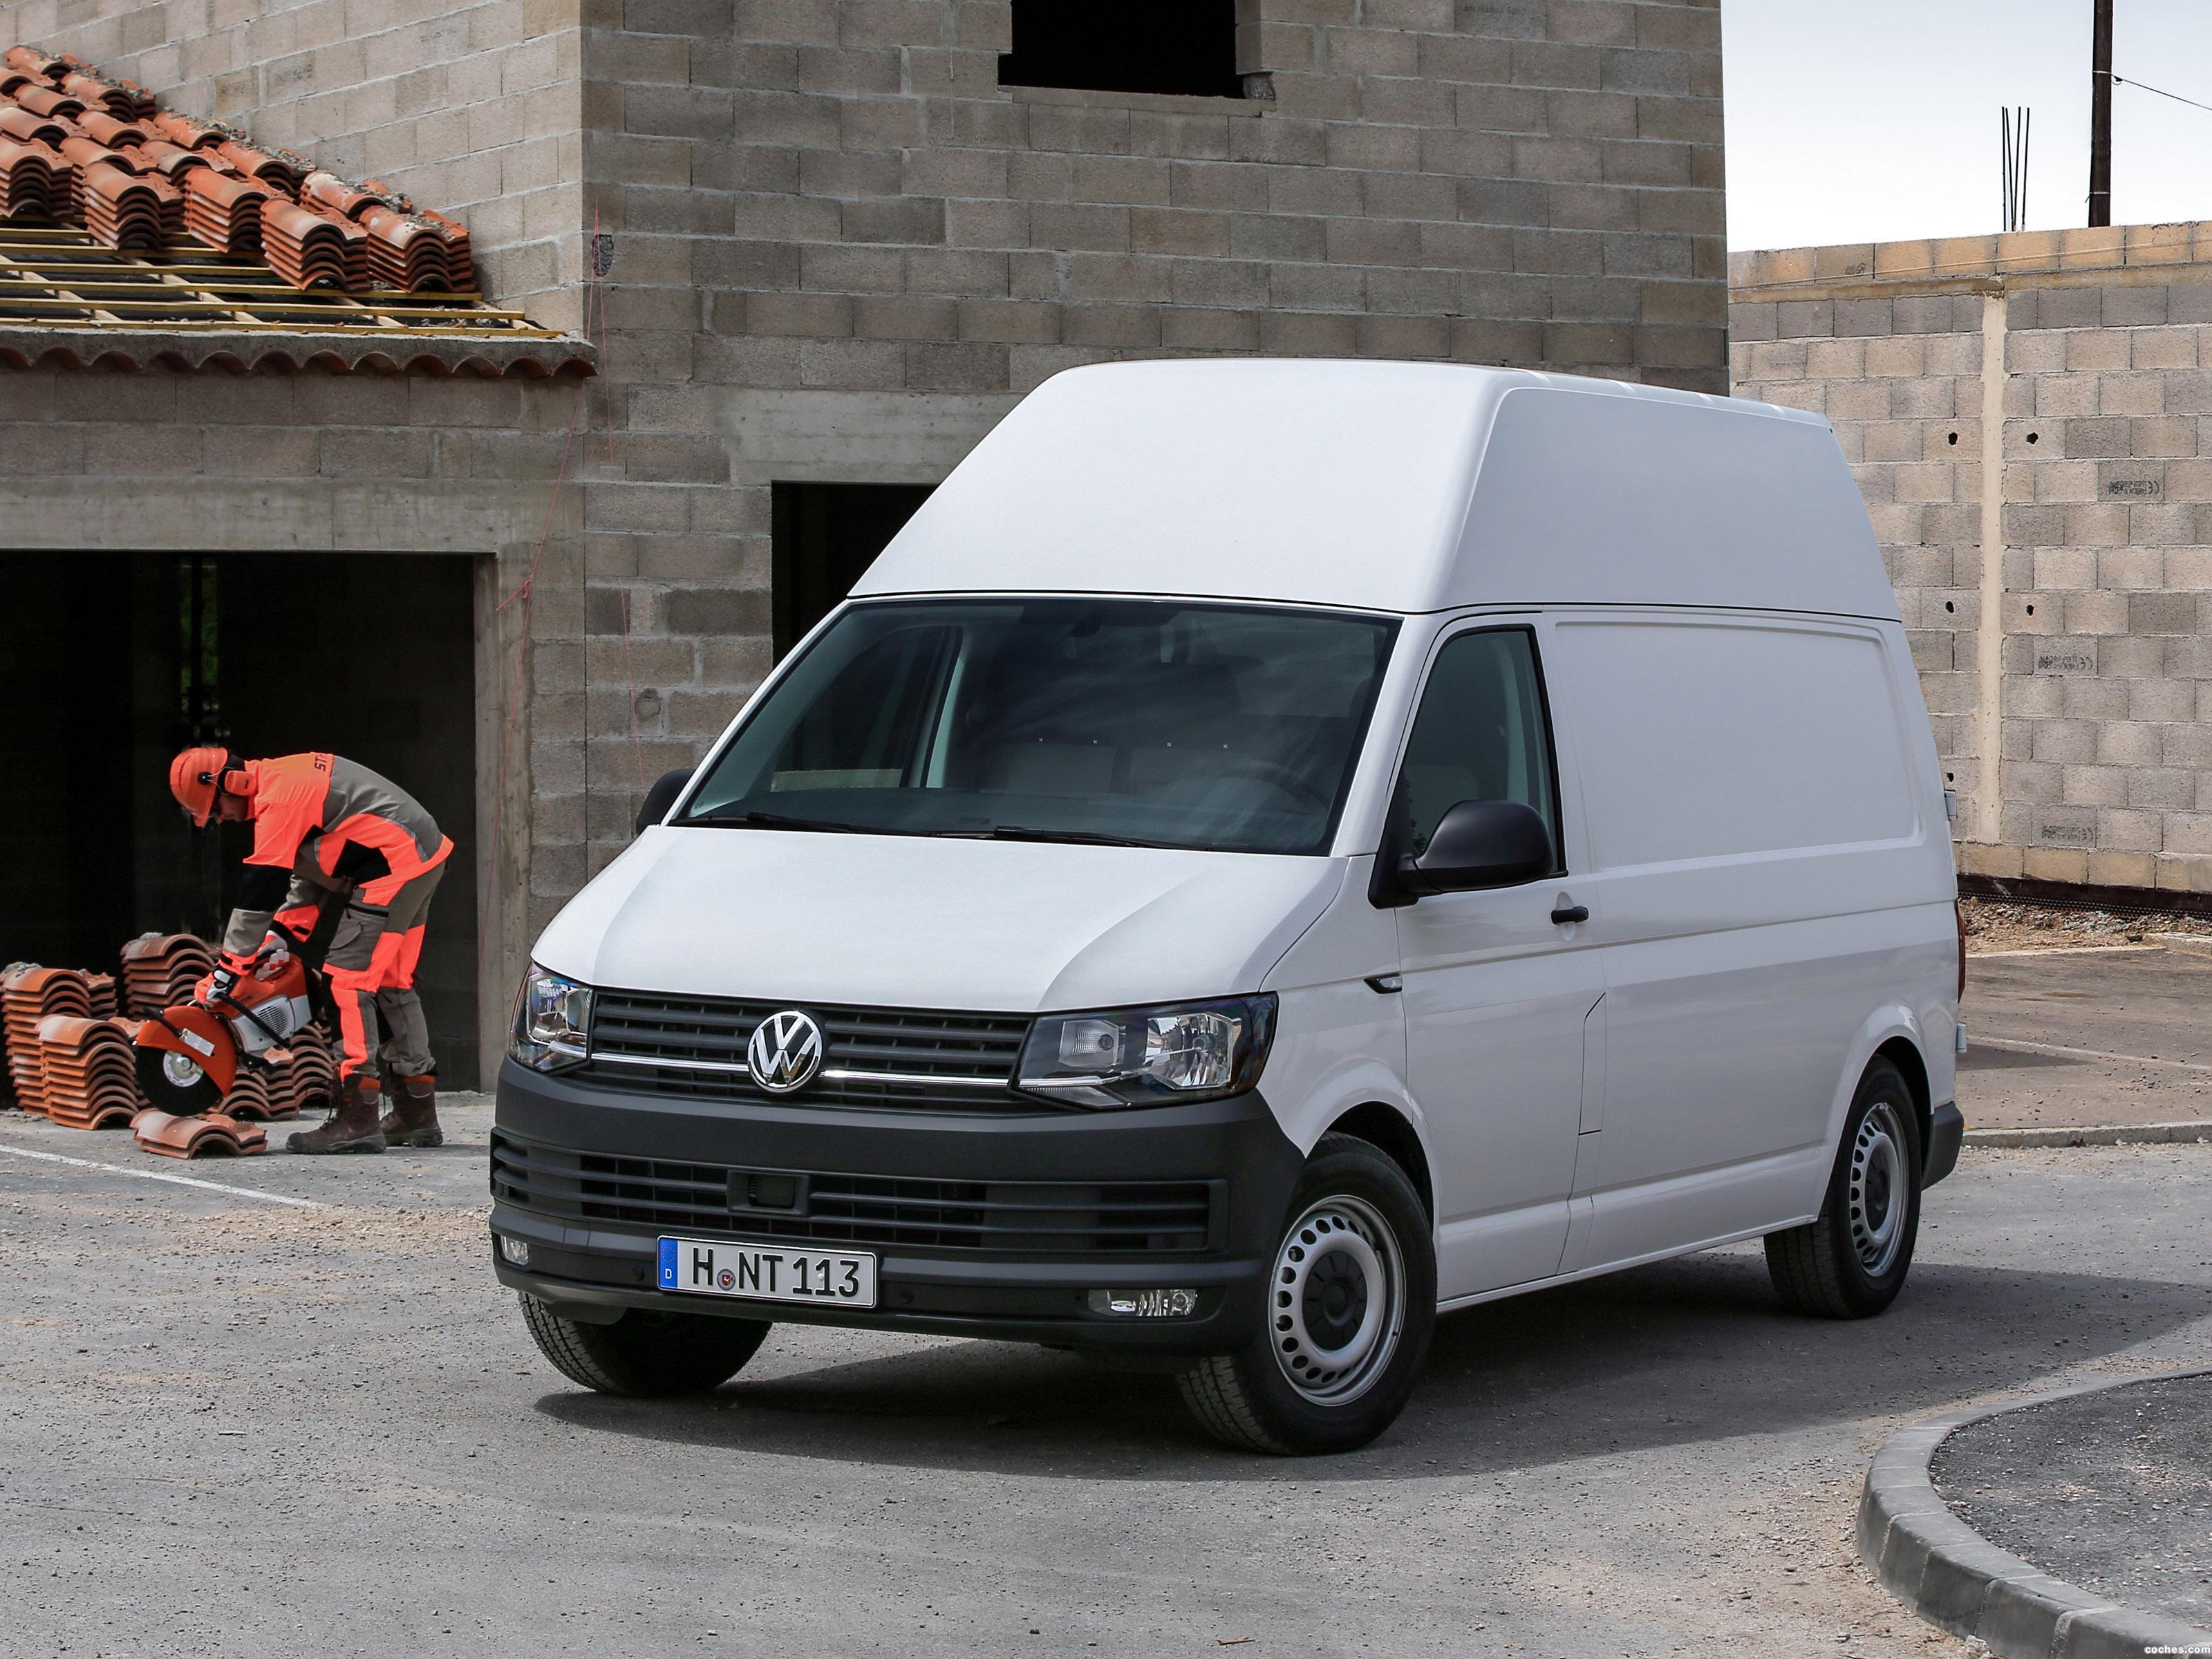 Foto 0 de Volkswagen Transporter Van High Roof T6 2015